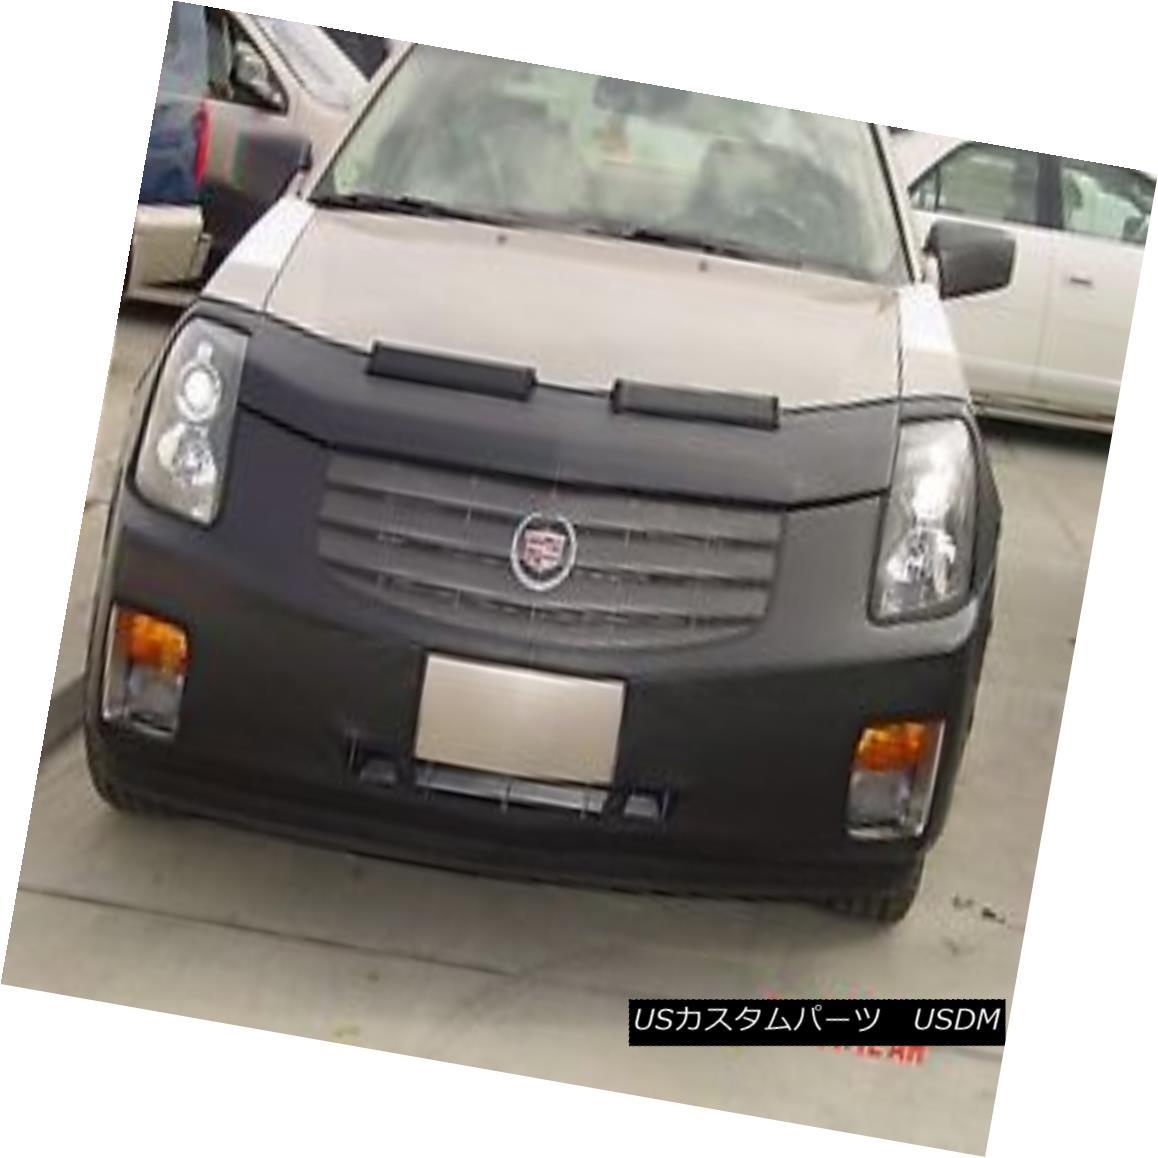 フルブラ ノーズブラ Colgan Front End Mask Bra 2pc. Fits Cadillac CTS 2003-2006 With License Plate コルガンフロントエンドマスクブラ2pc ライセンスプレート付きCadillac CTS 2003-2006に適合